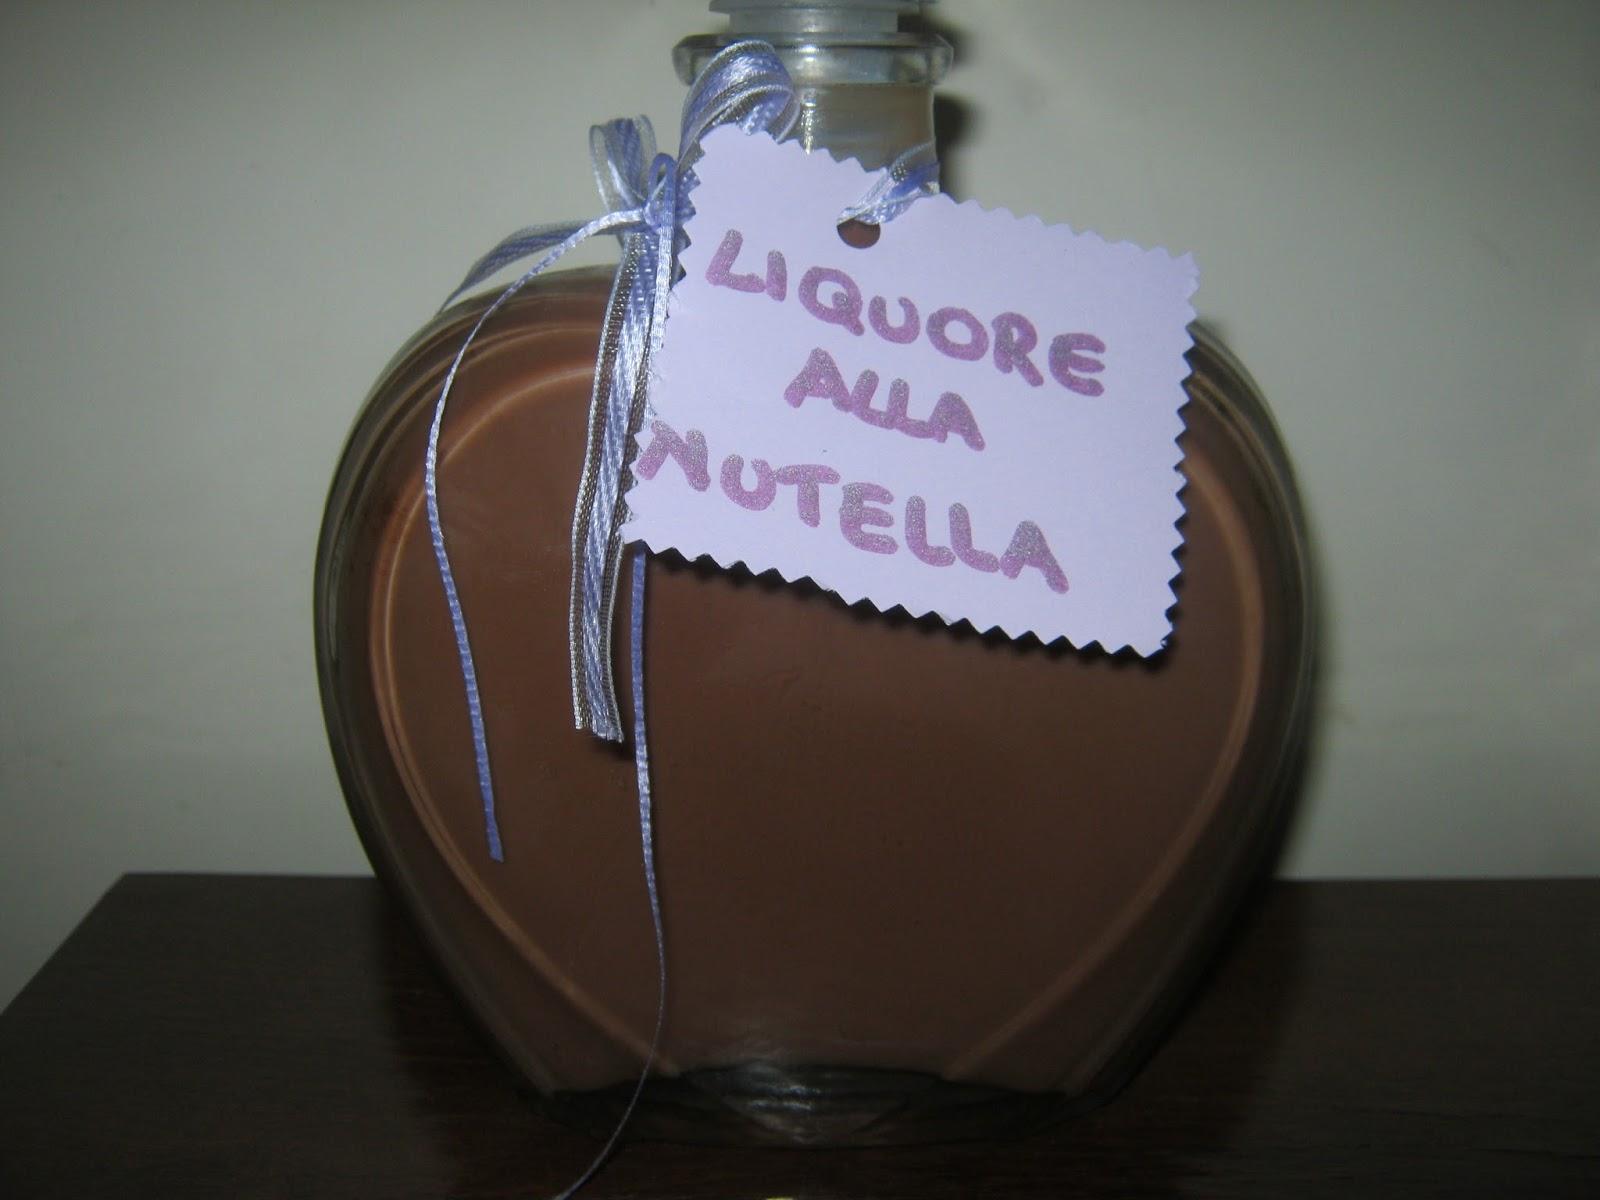 Non Solo Pasticci Liquore Alla Nutella